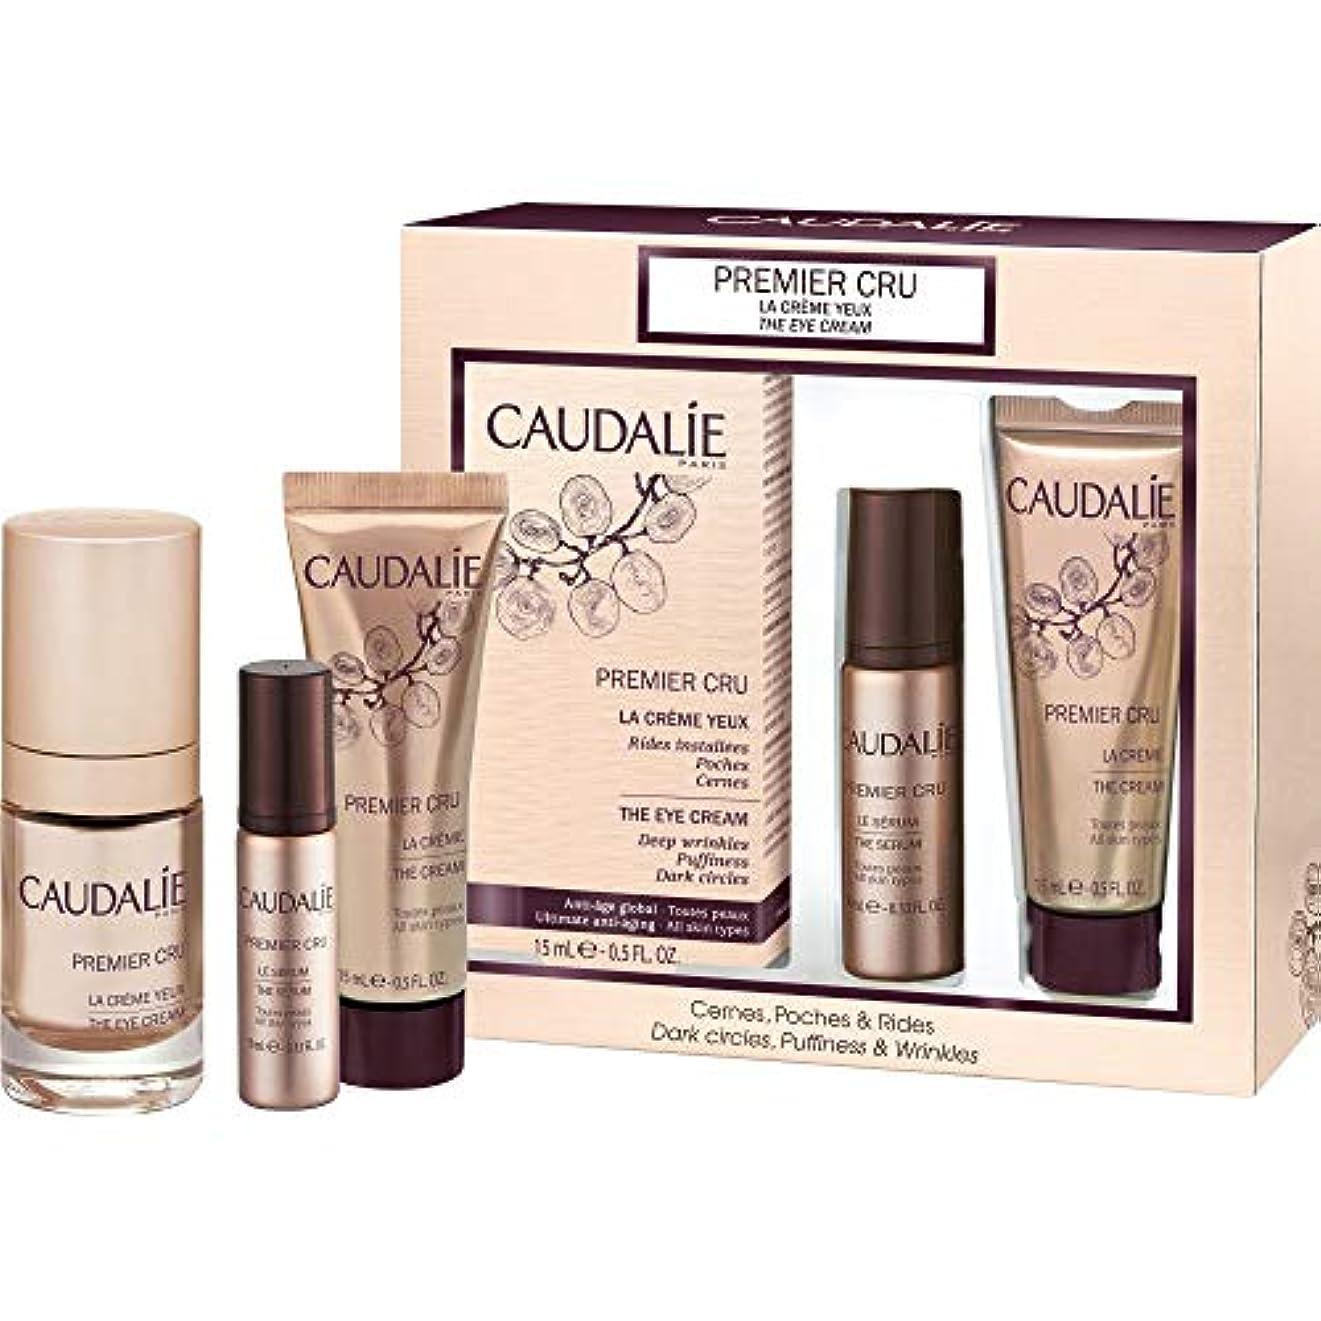 うなずく専門用語干渉する[Caudalie] コーダリープレミアは、アイクリーム15ミリリットルのギフトセットをCru - Caudalie Premier Cru The Eye Cream 15ml Gift Set [並行輸入品]